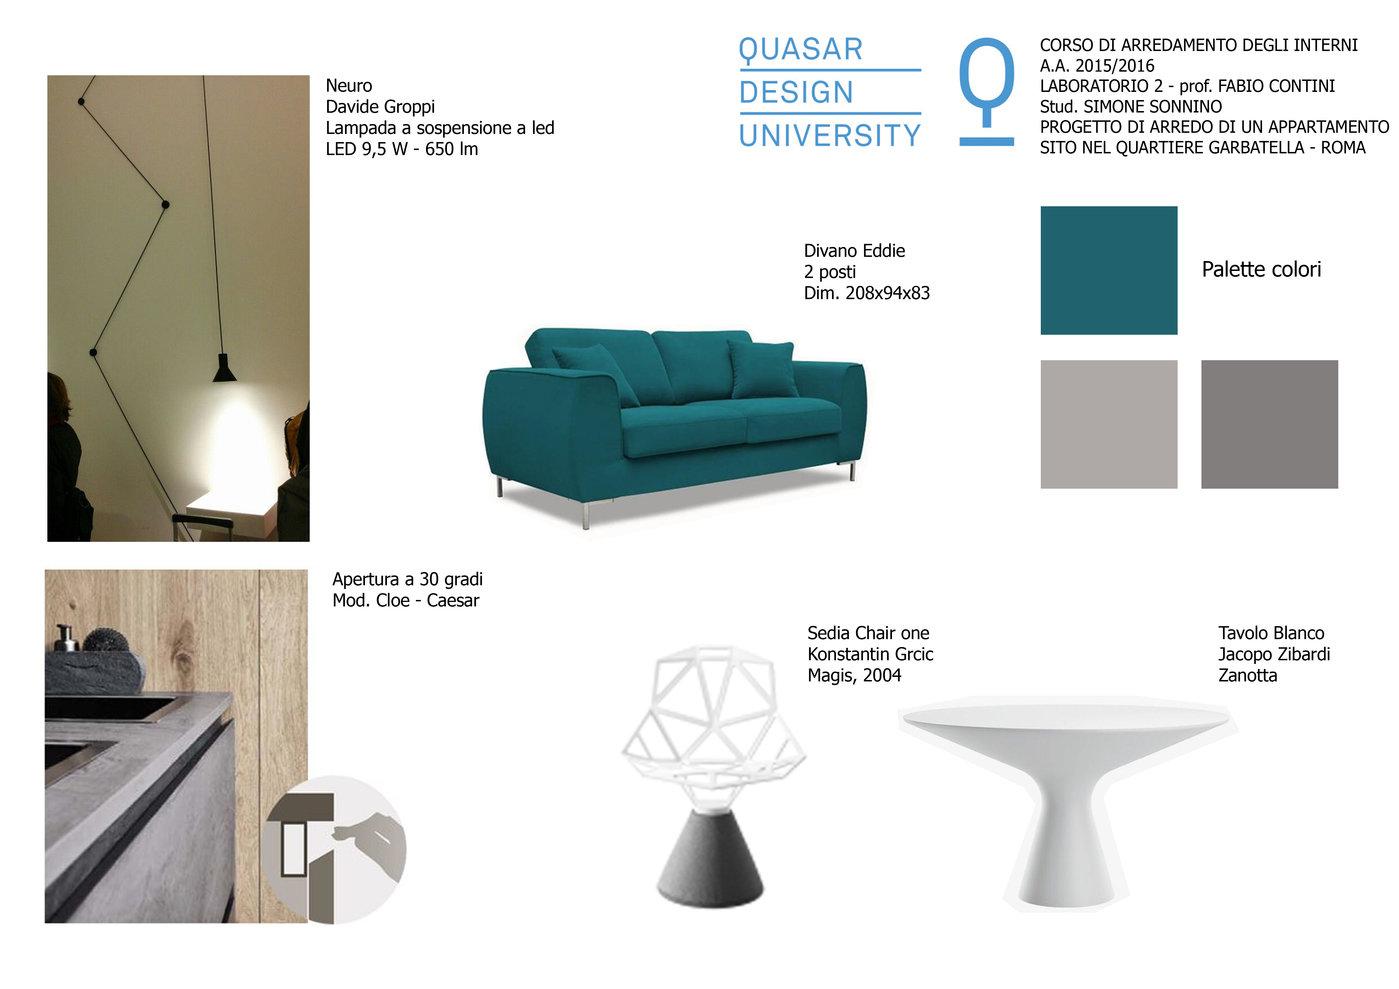 Design Degli Interni Roma apartament restoration in garbatella-rome by simone sonnino